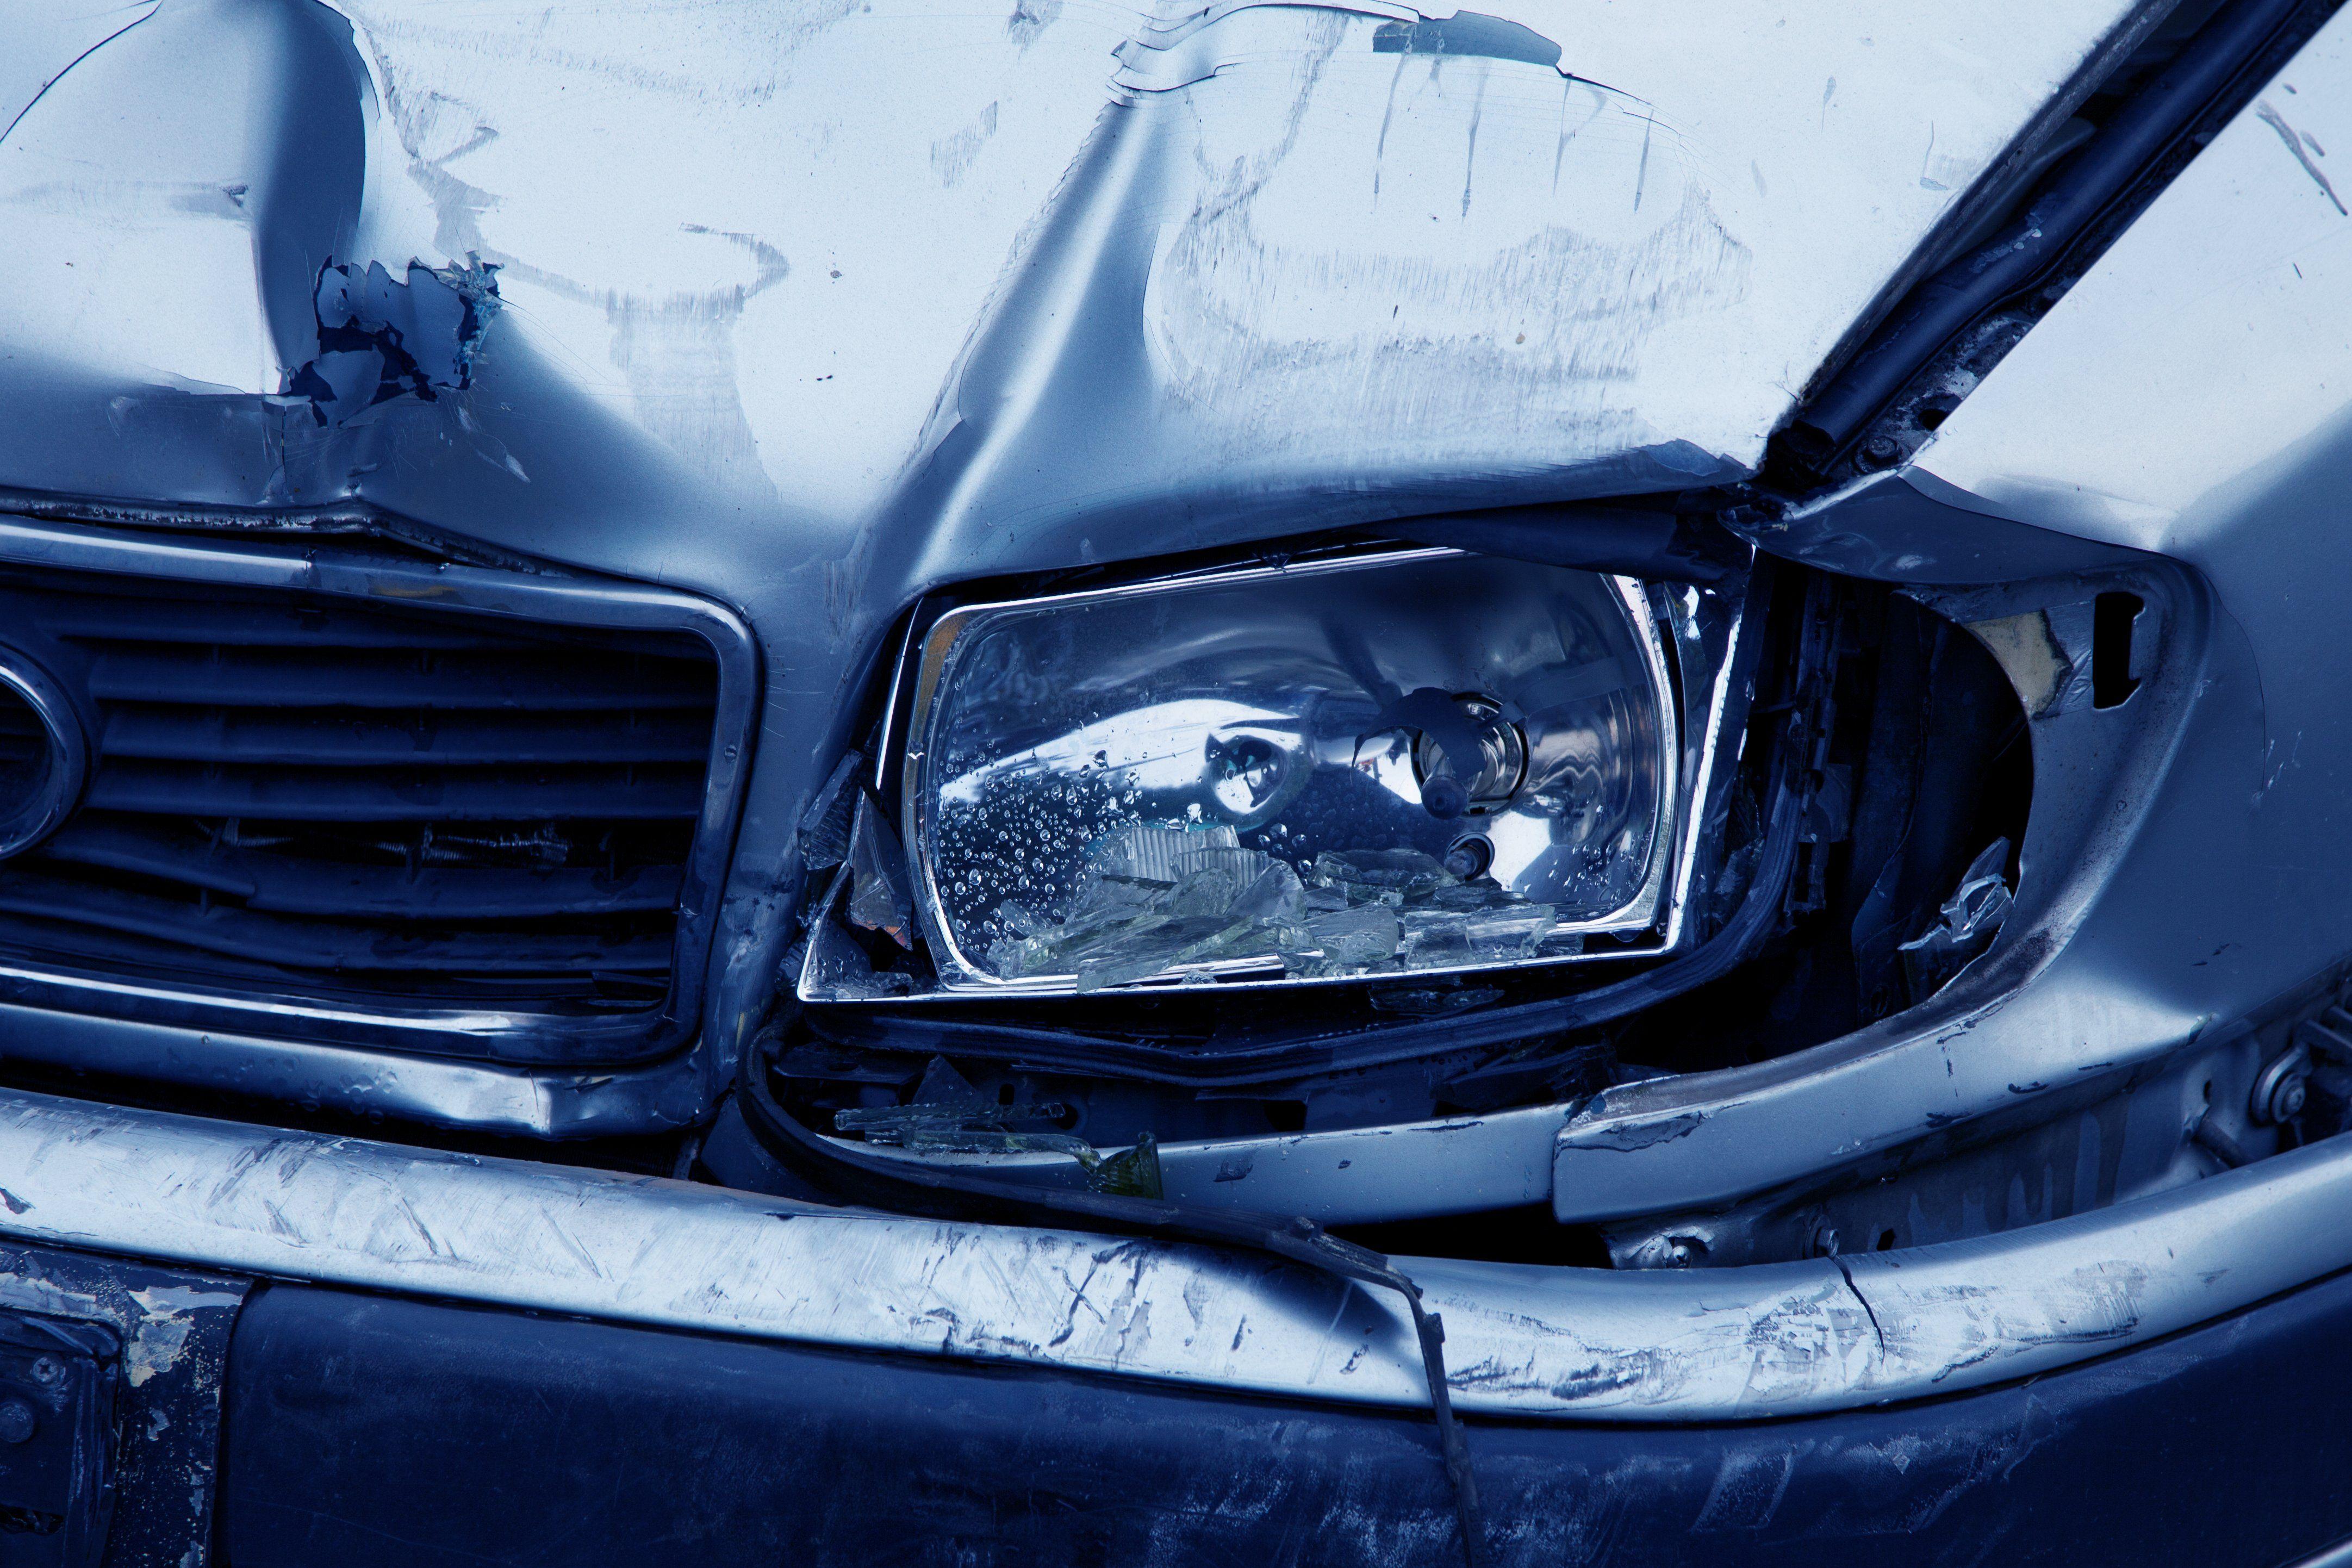 Gdzie szybko pożyczyć pieniądze na naprawę samochodu? 18